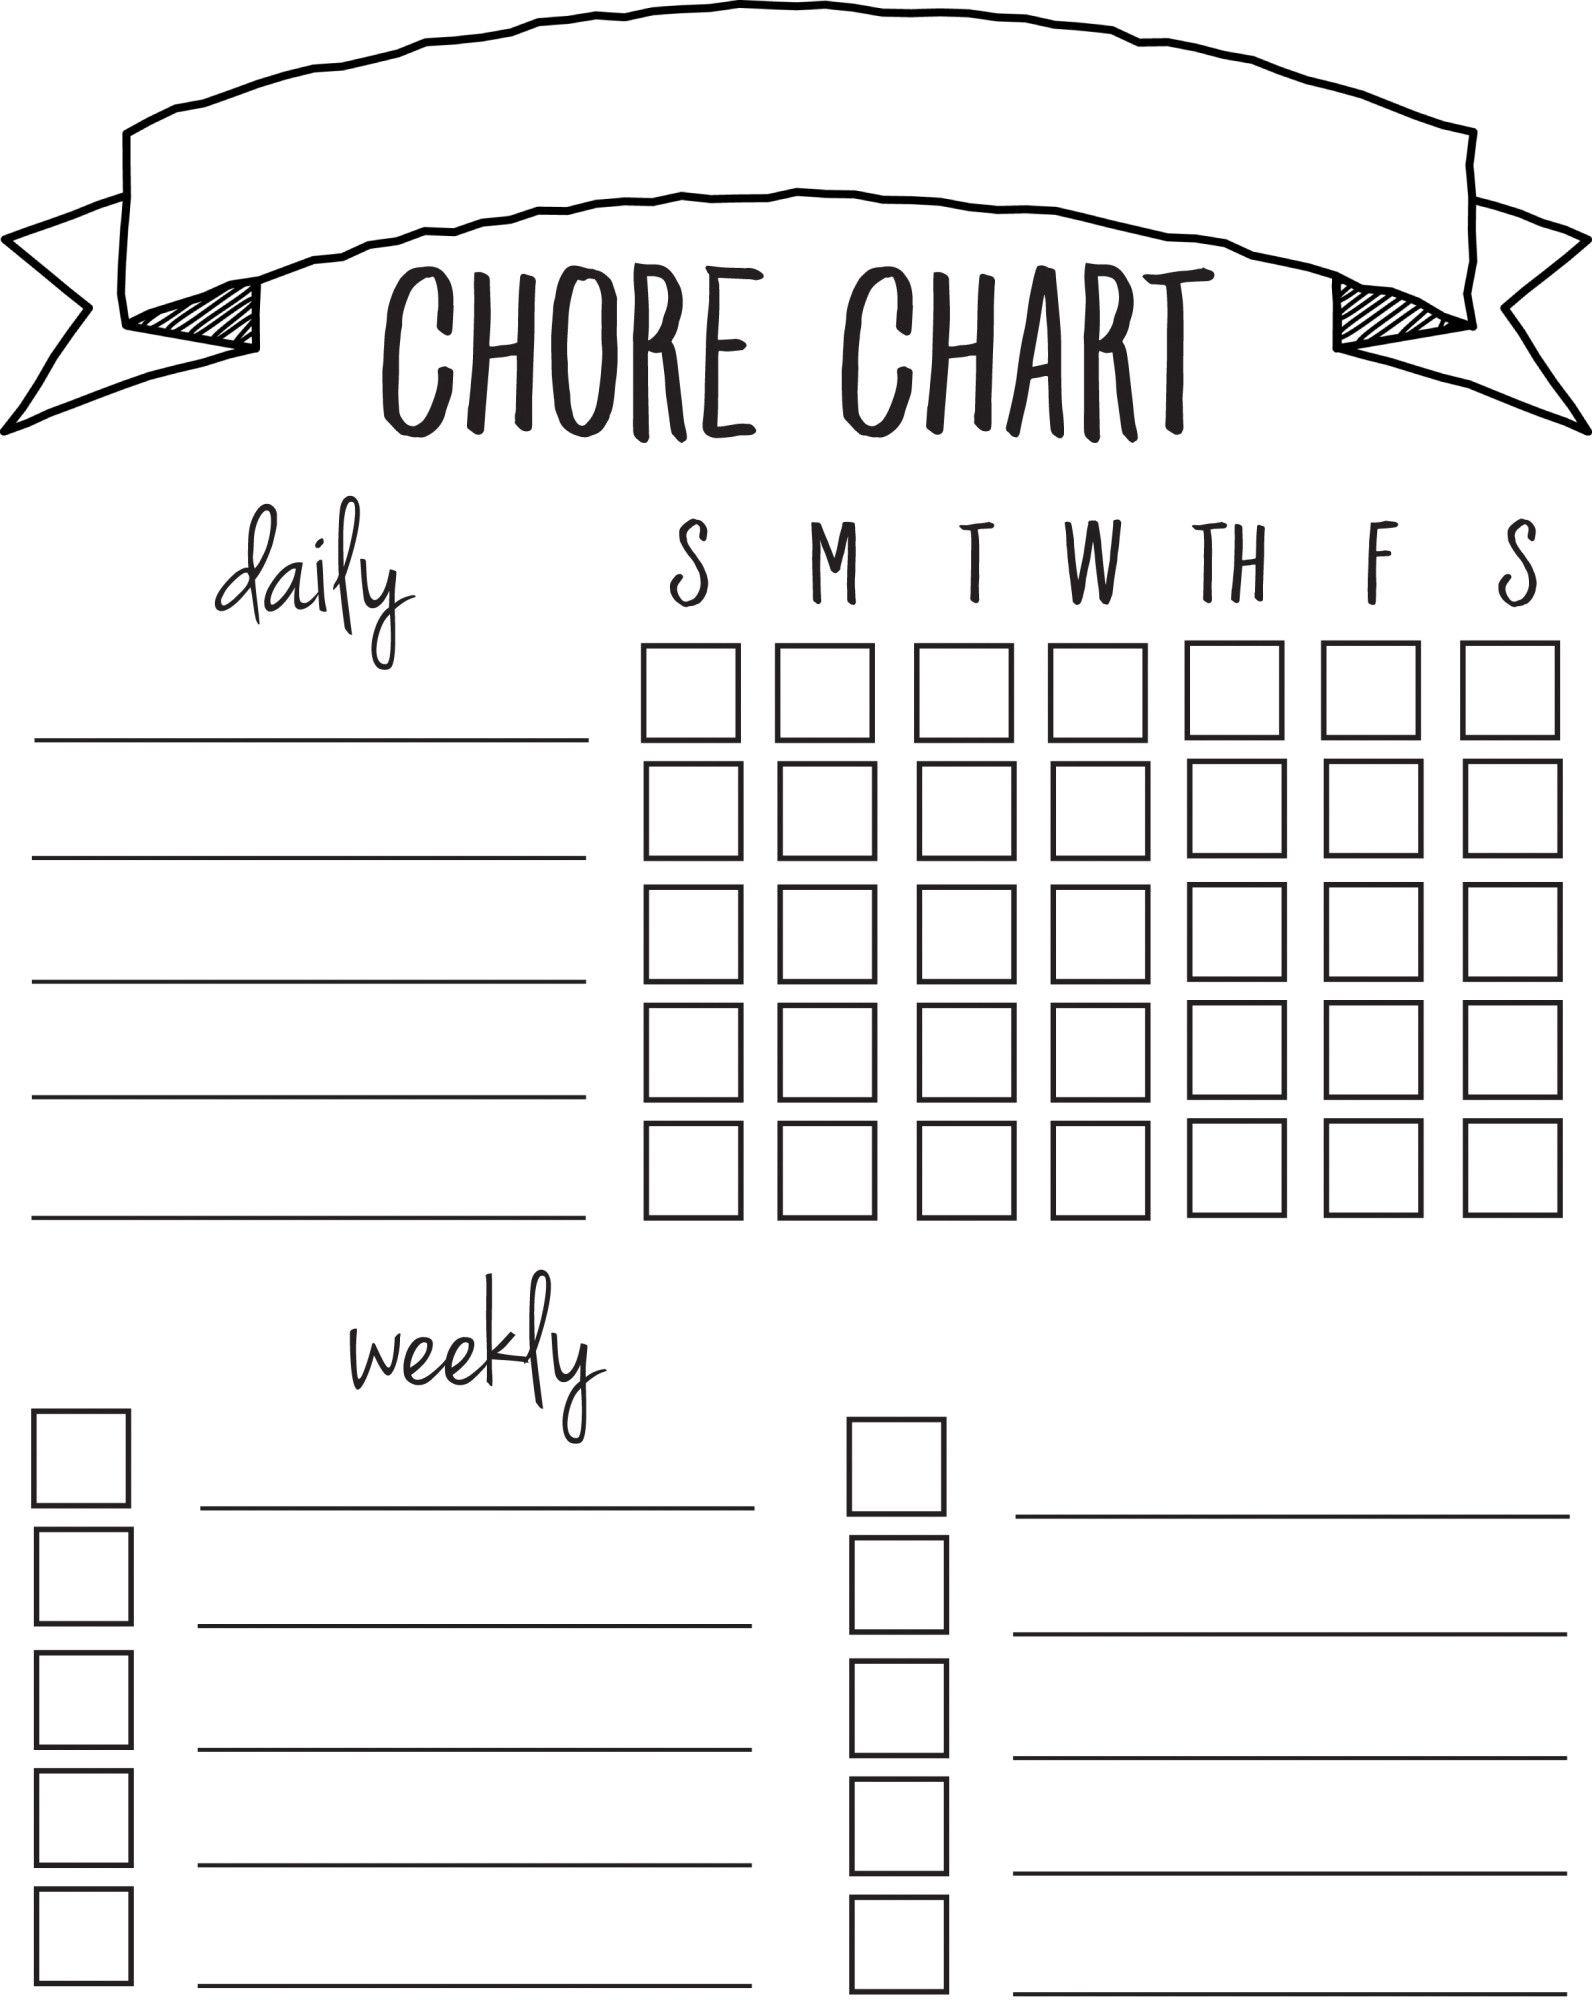 Diy Printable Chore Chart   Free Printables Nov/feb   Chore Chart - Free Printable Chore List